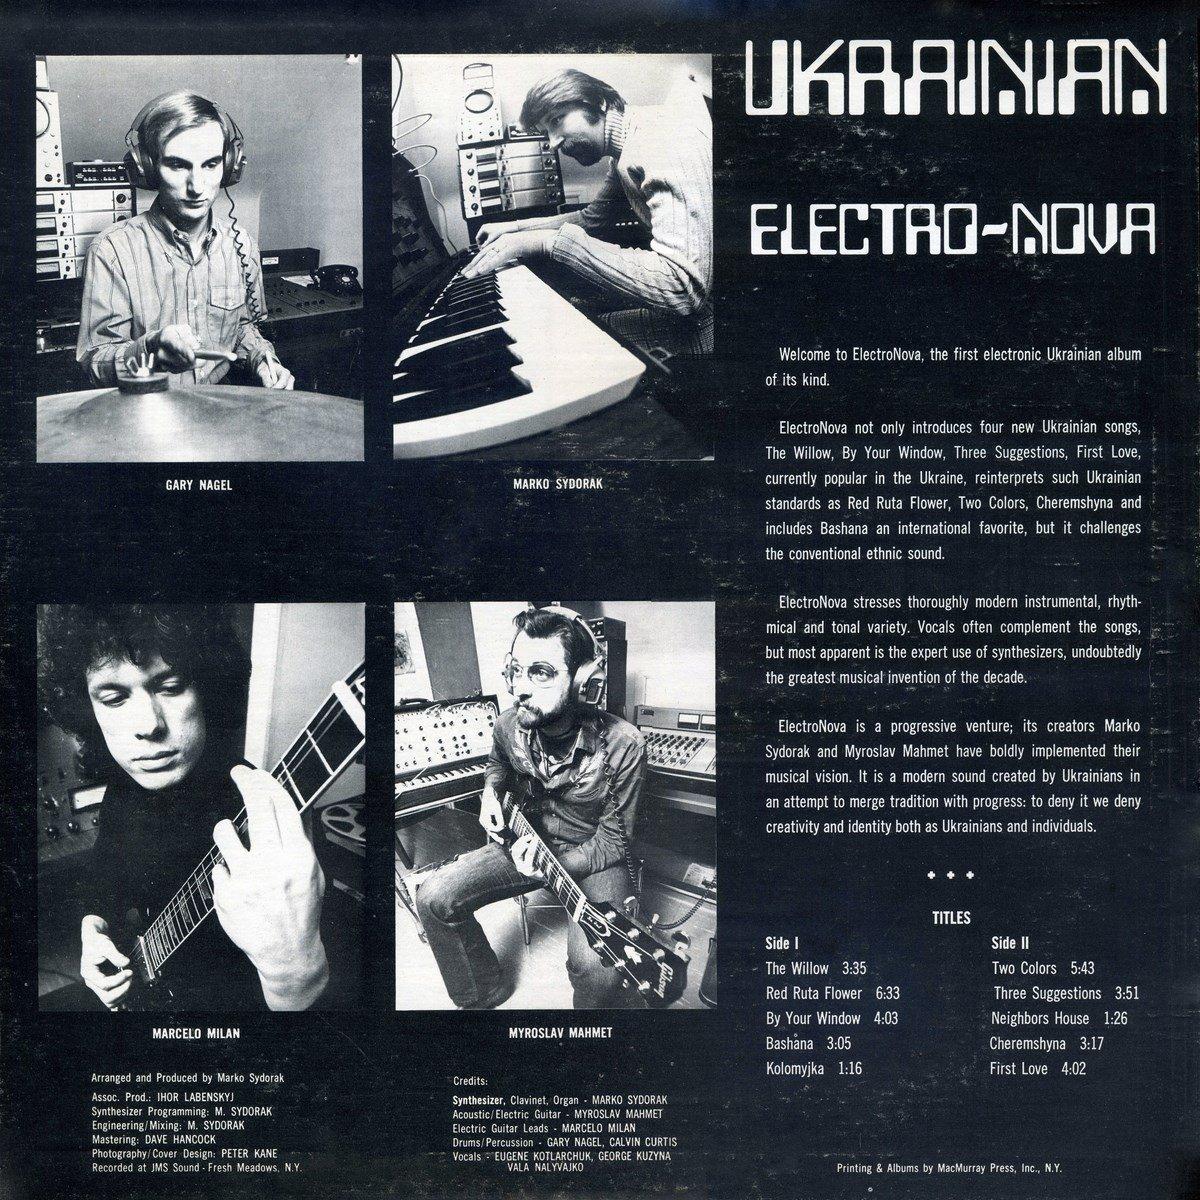 Electro-Nova – Ukrainian